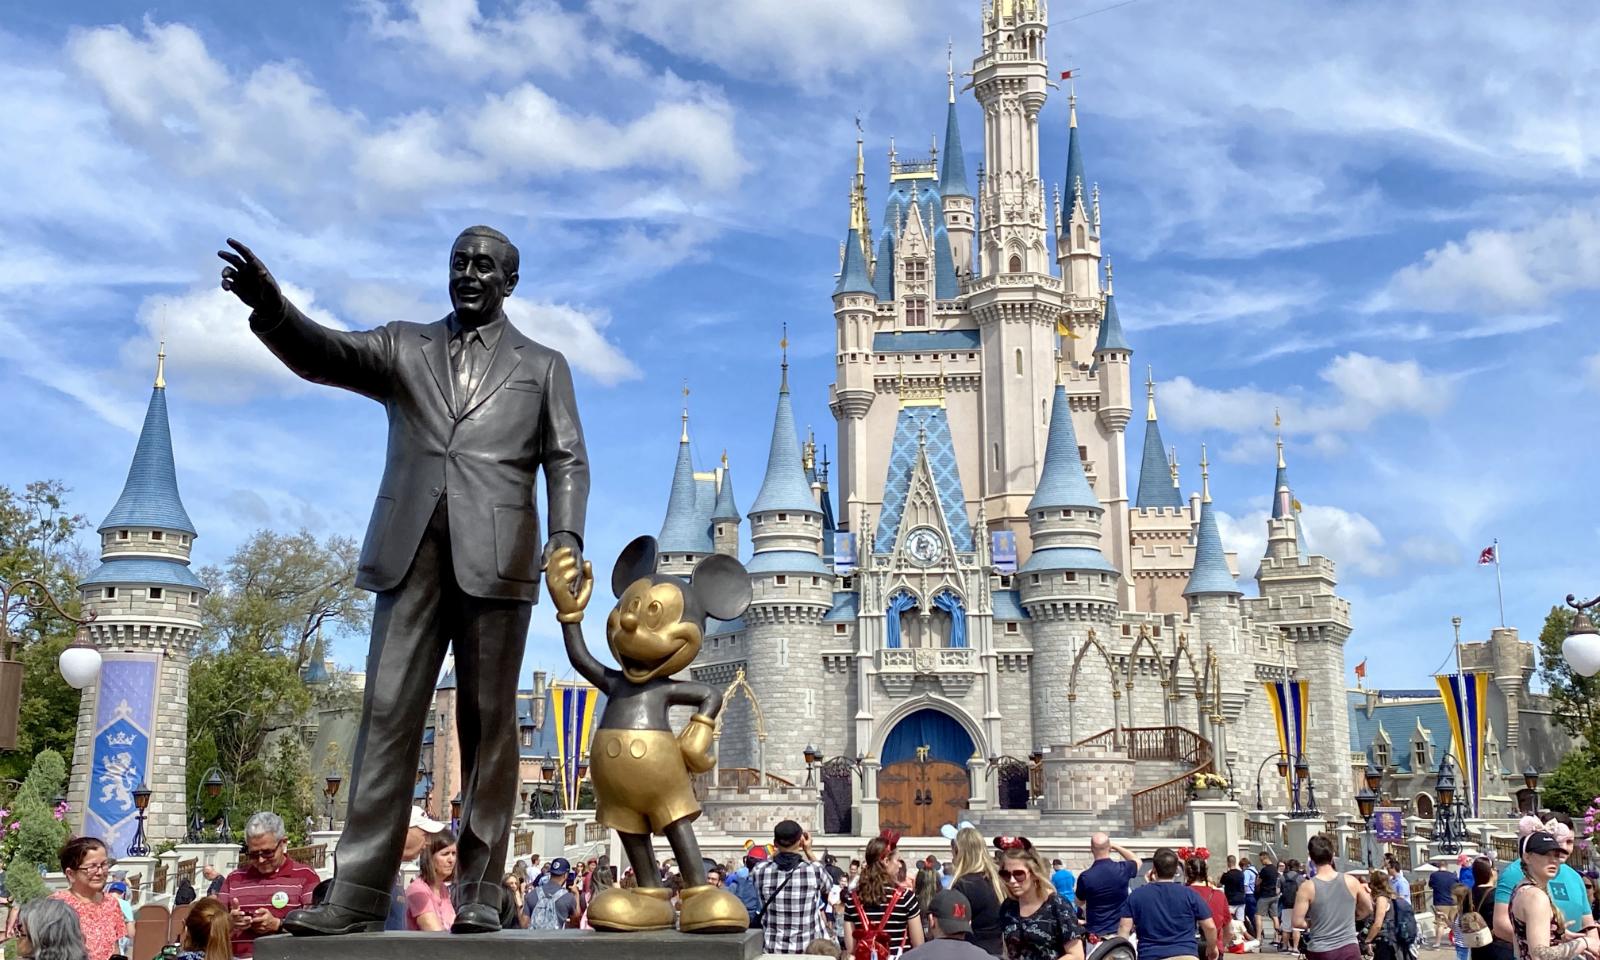 迪士尼将停止向奥兰多乐园的 43,000 名员工发放工资